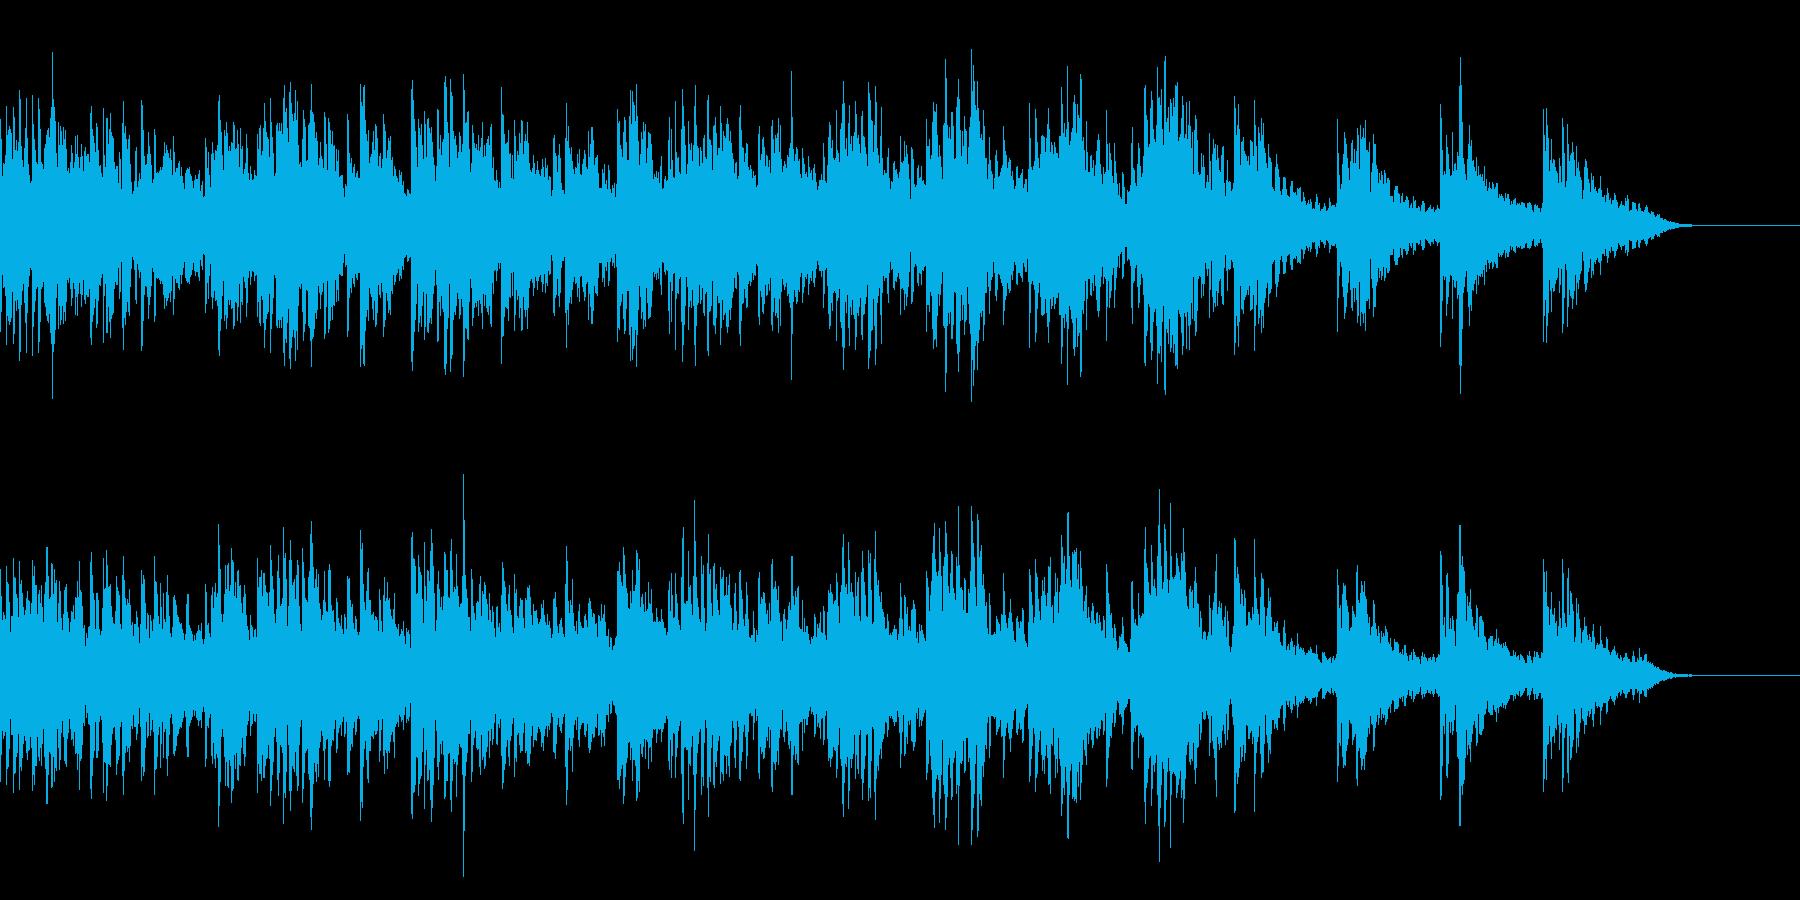 黄昏時の海辺のイメージのBGMの再生済みの波形